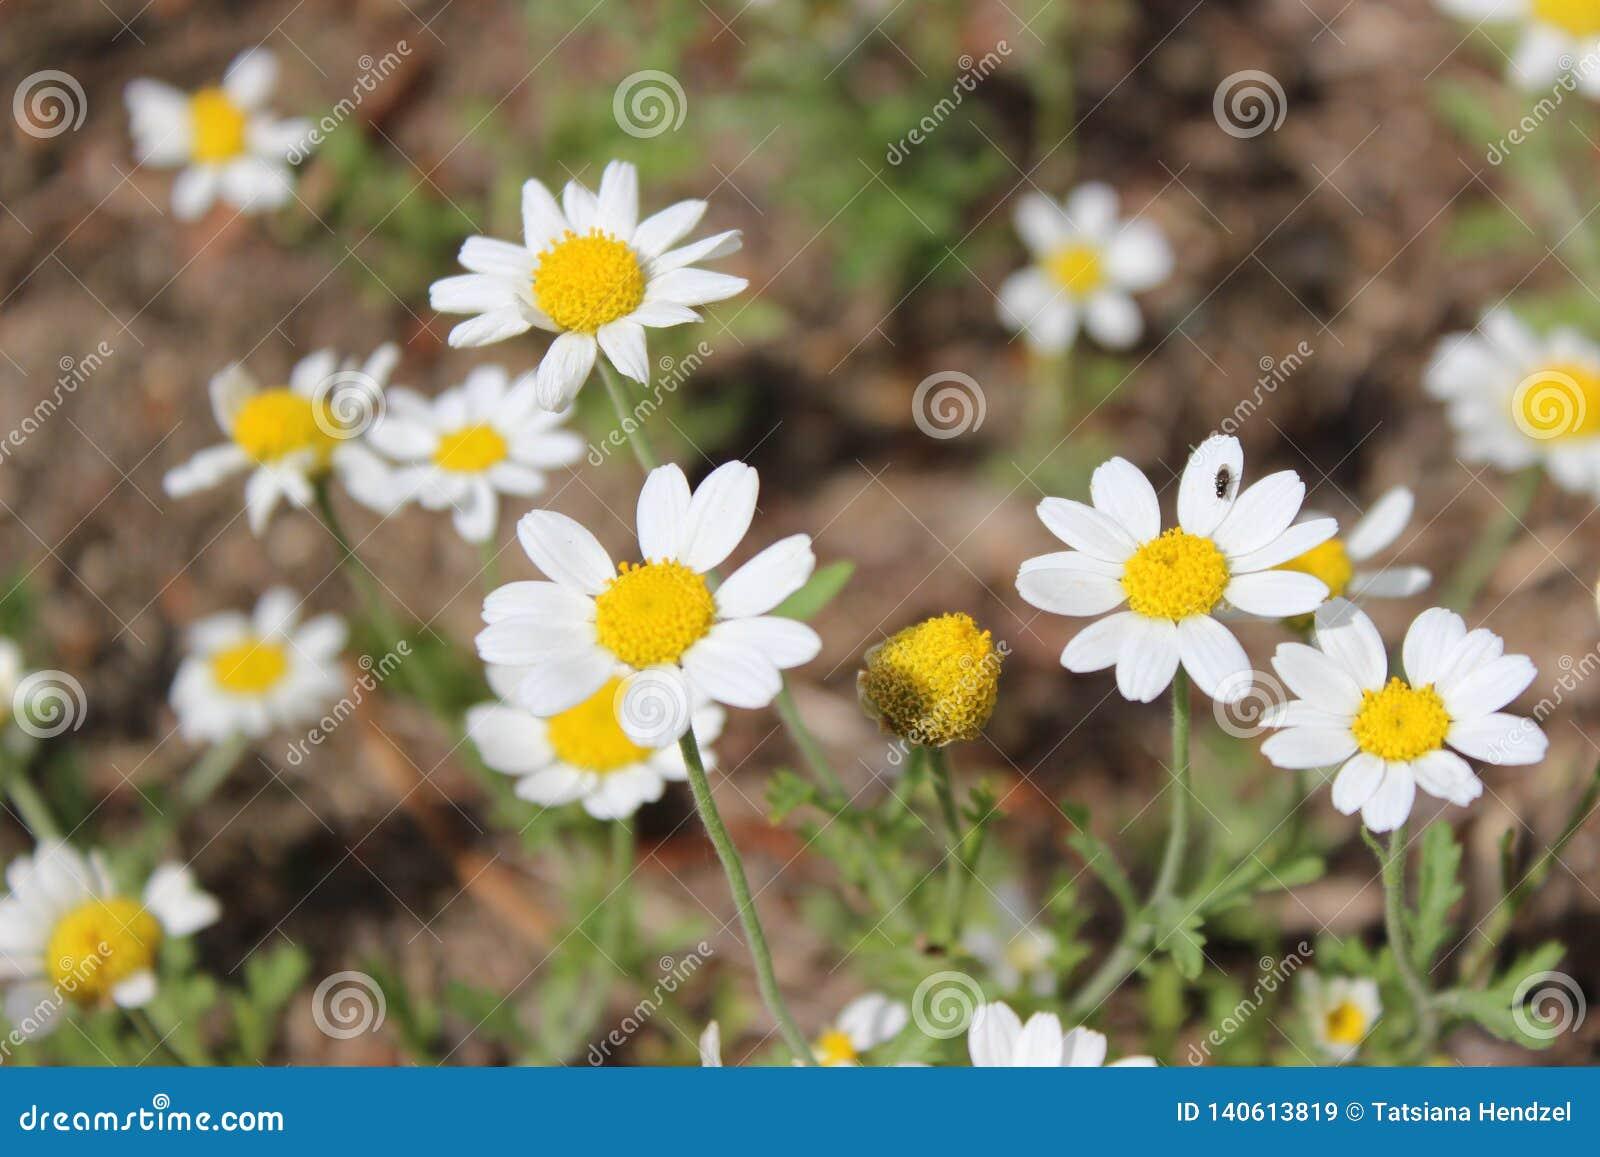 野生领域雏菊在草甸 背景花卉自然